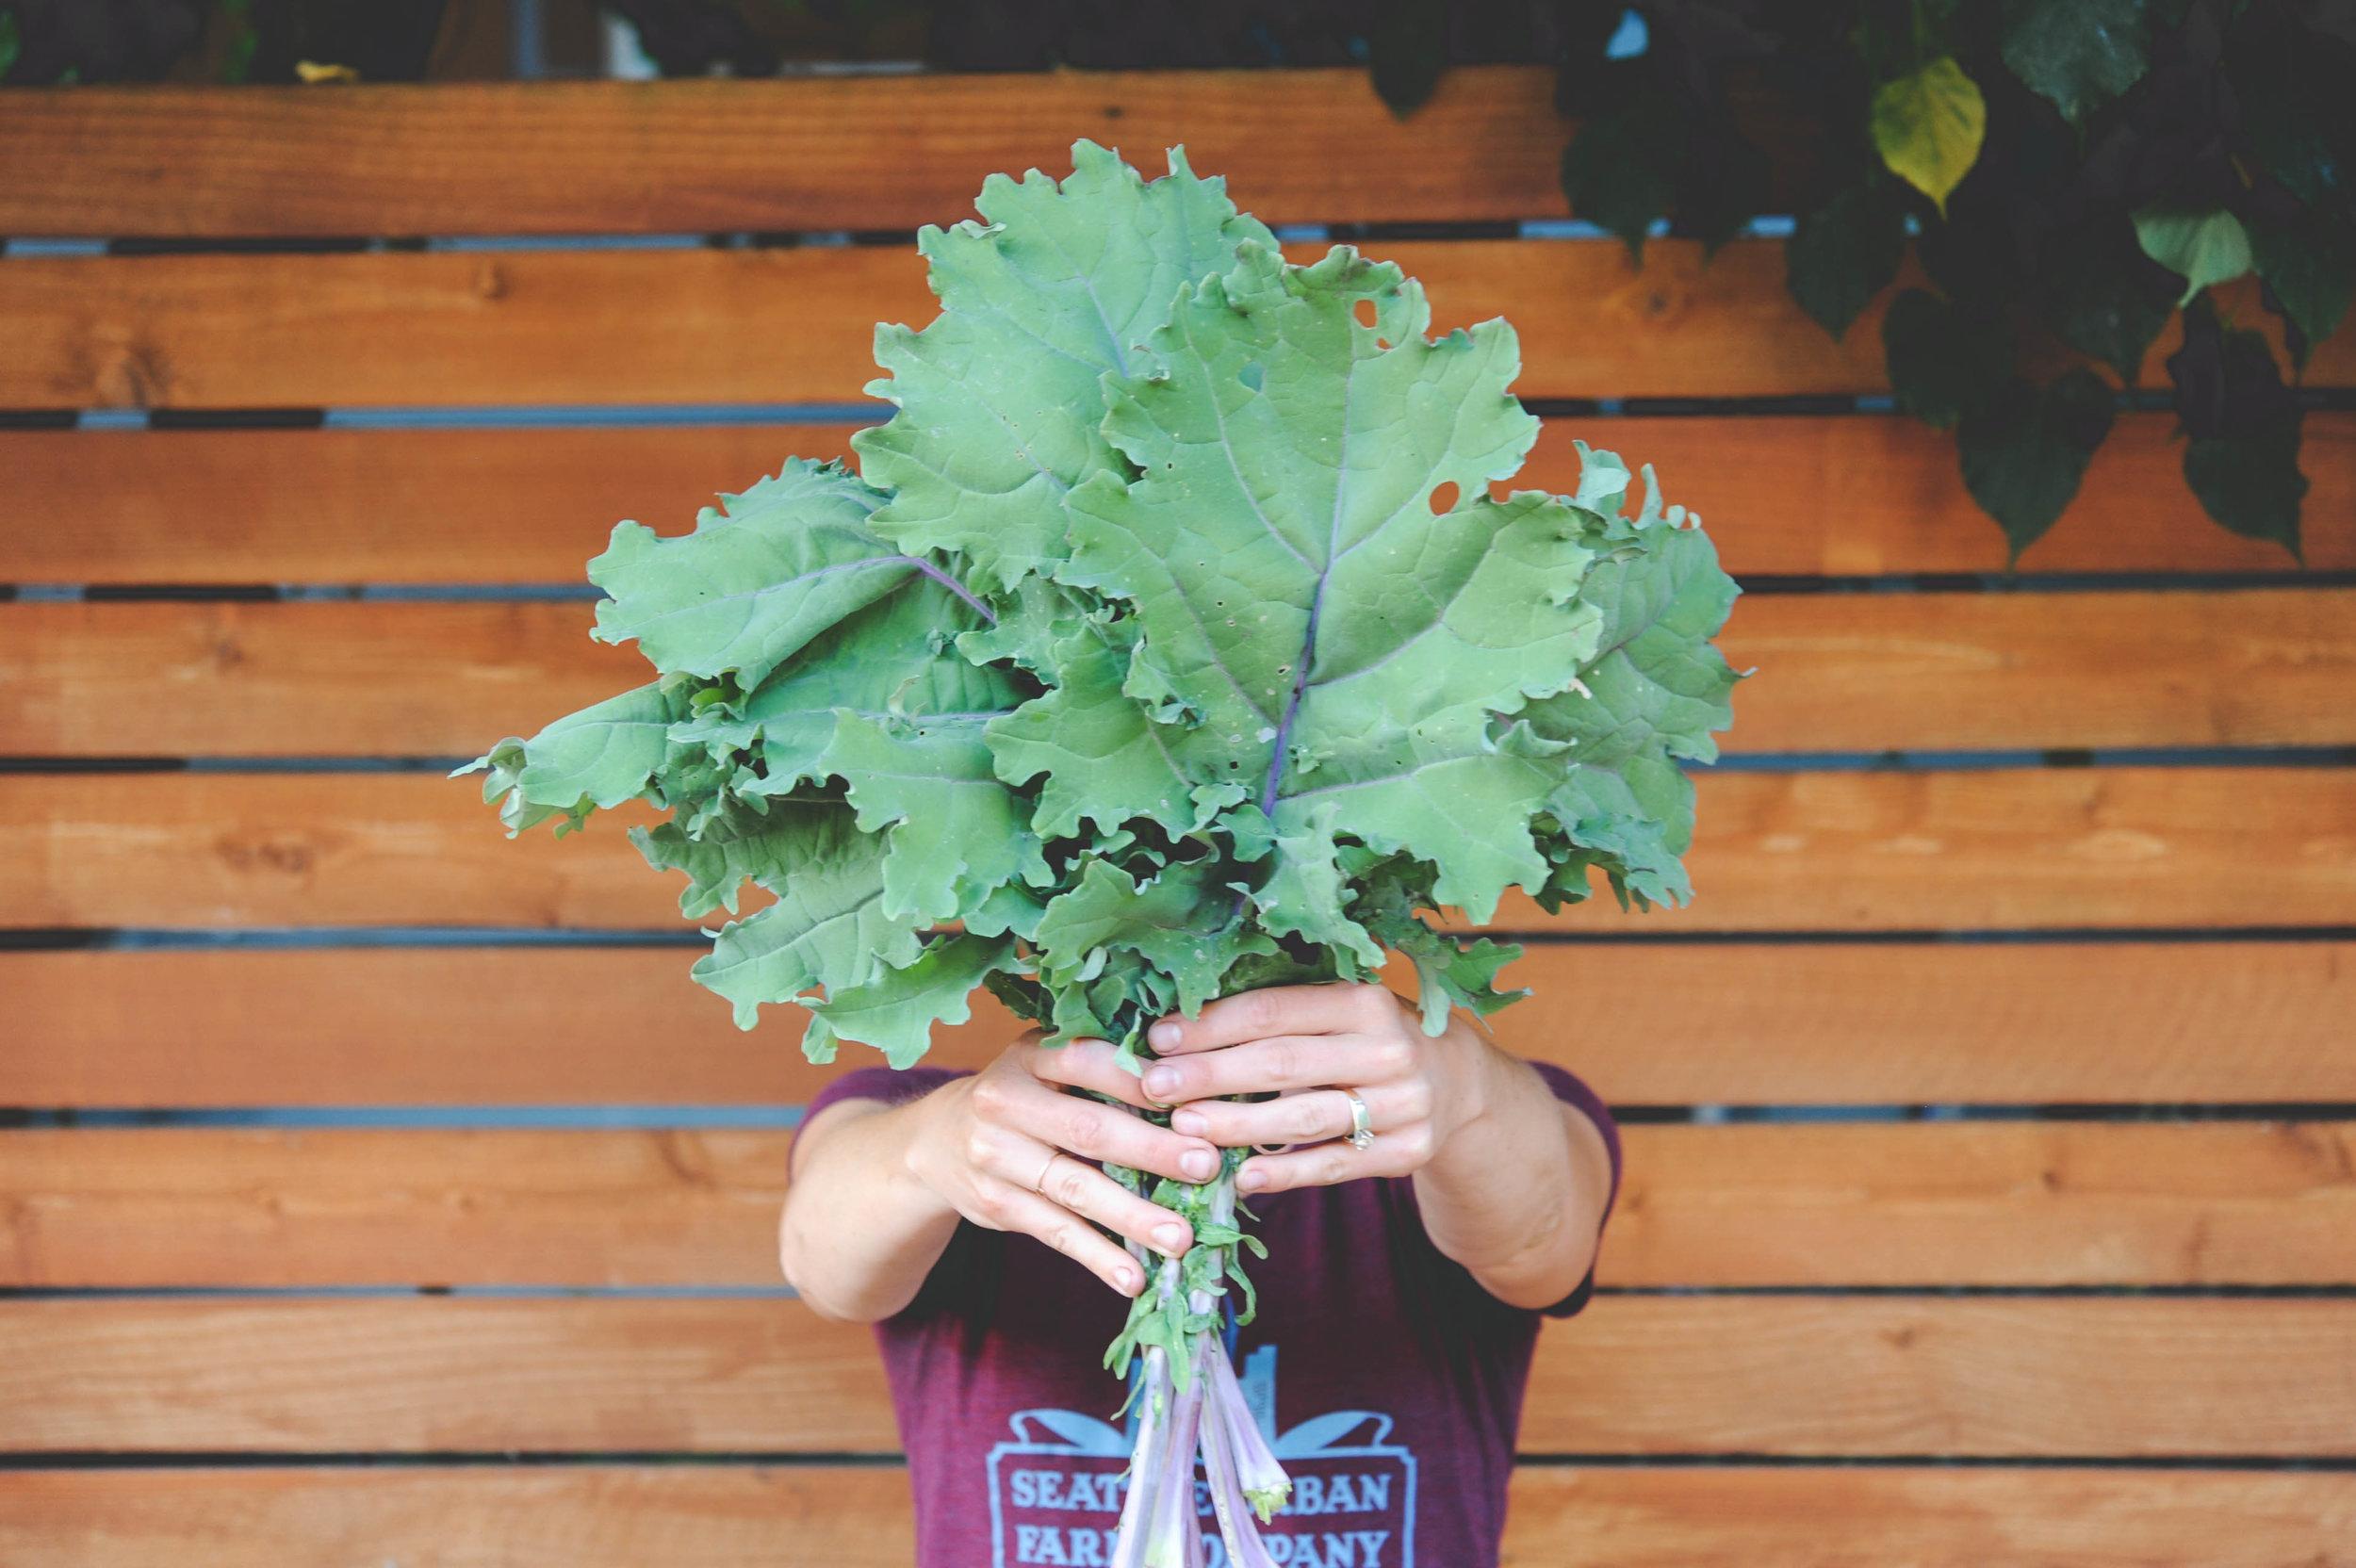 Red Russian Kale_Seattle Urban Farm Co